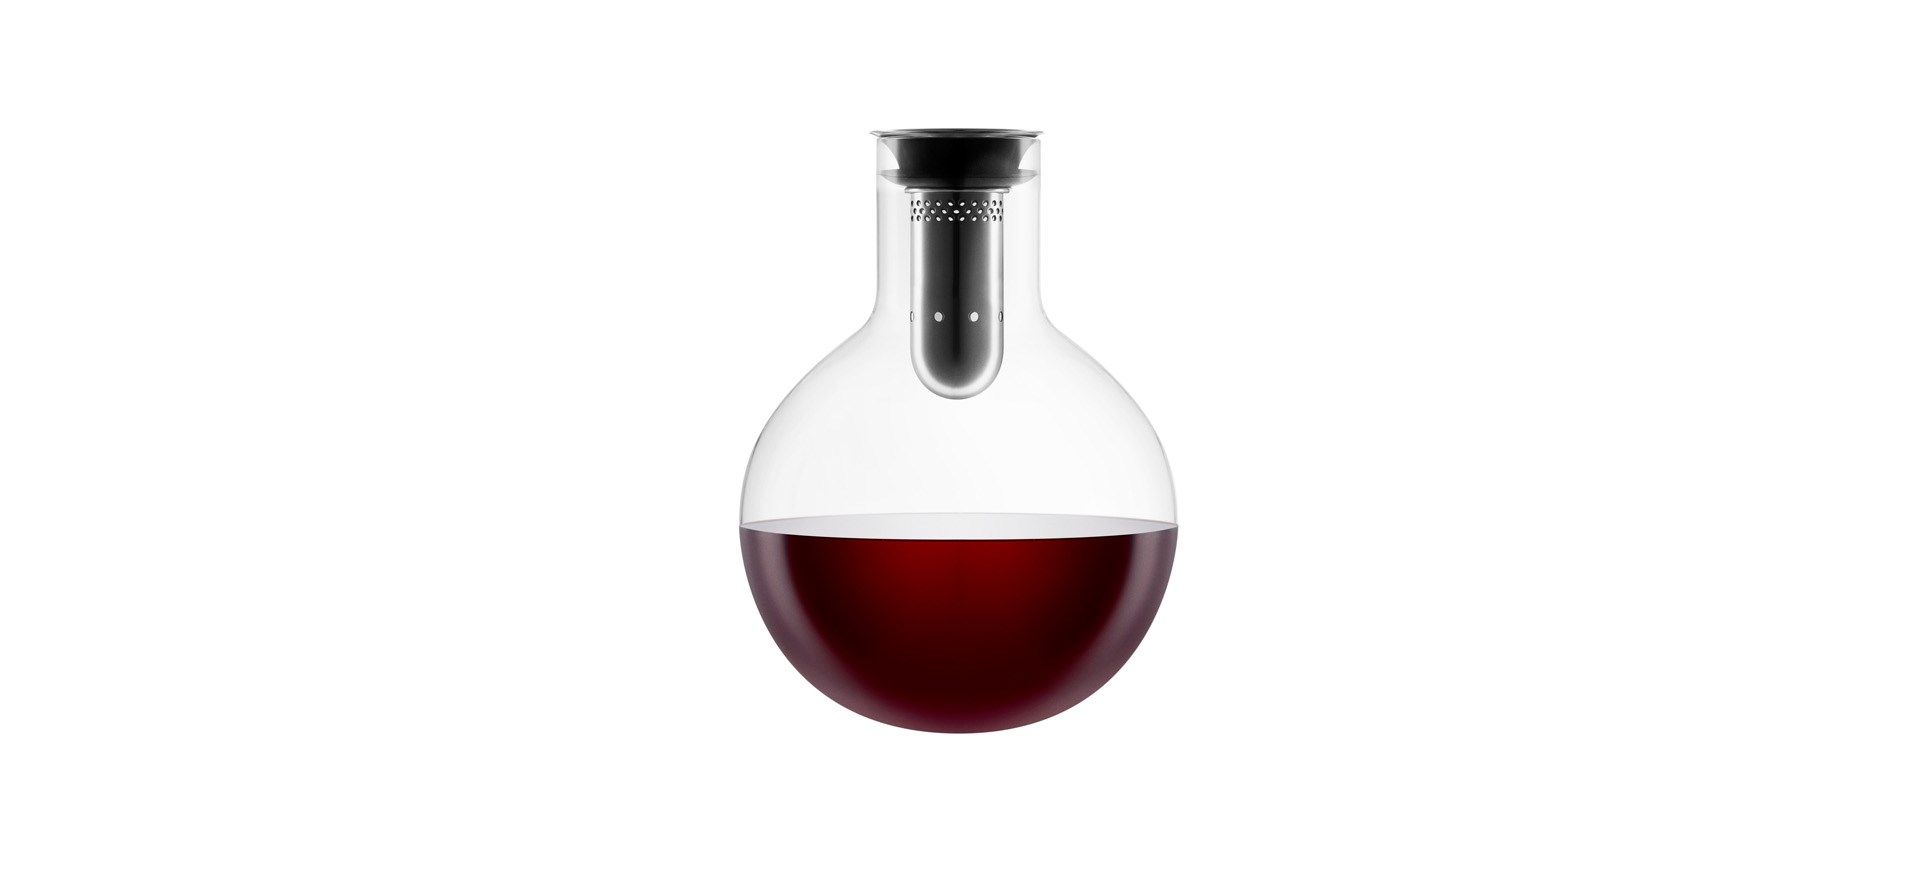 El decantador tiene un valor comercial de 54.95 euros. Foto tomada de www.evasolo.com